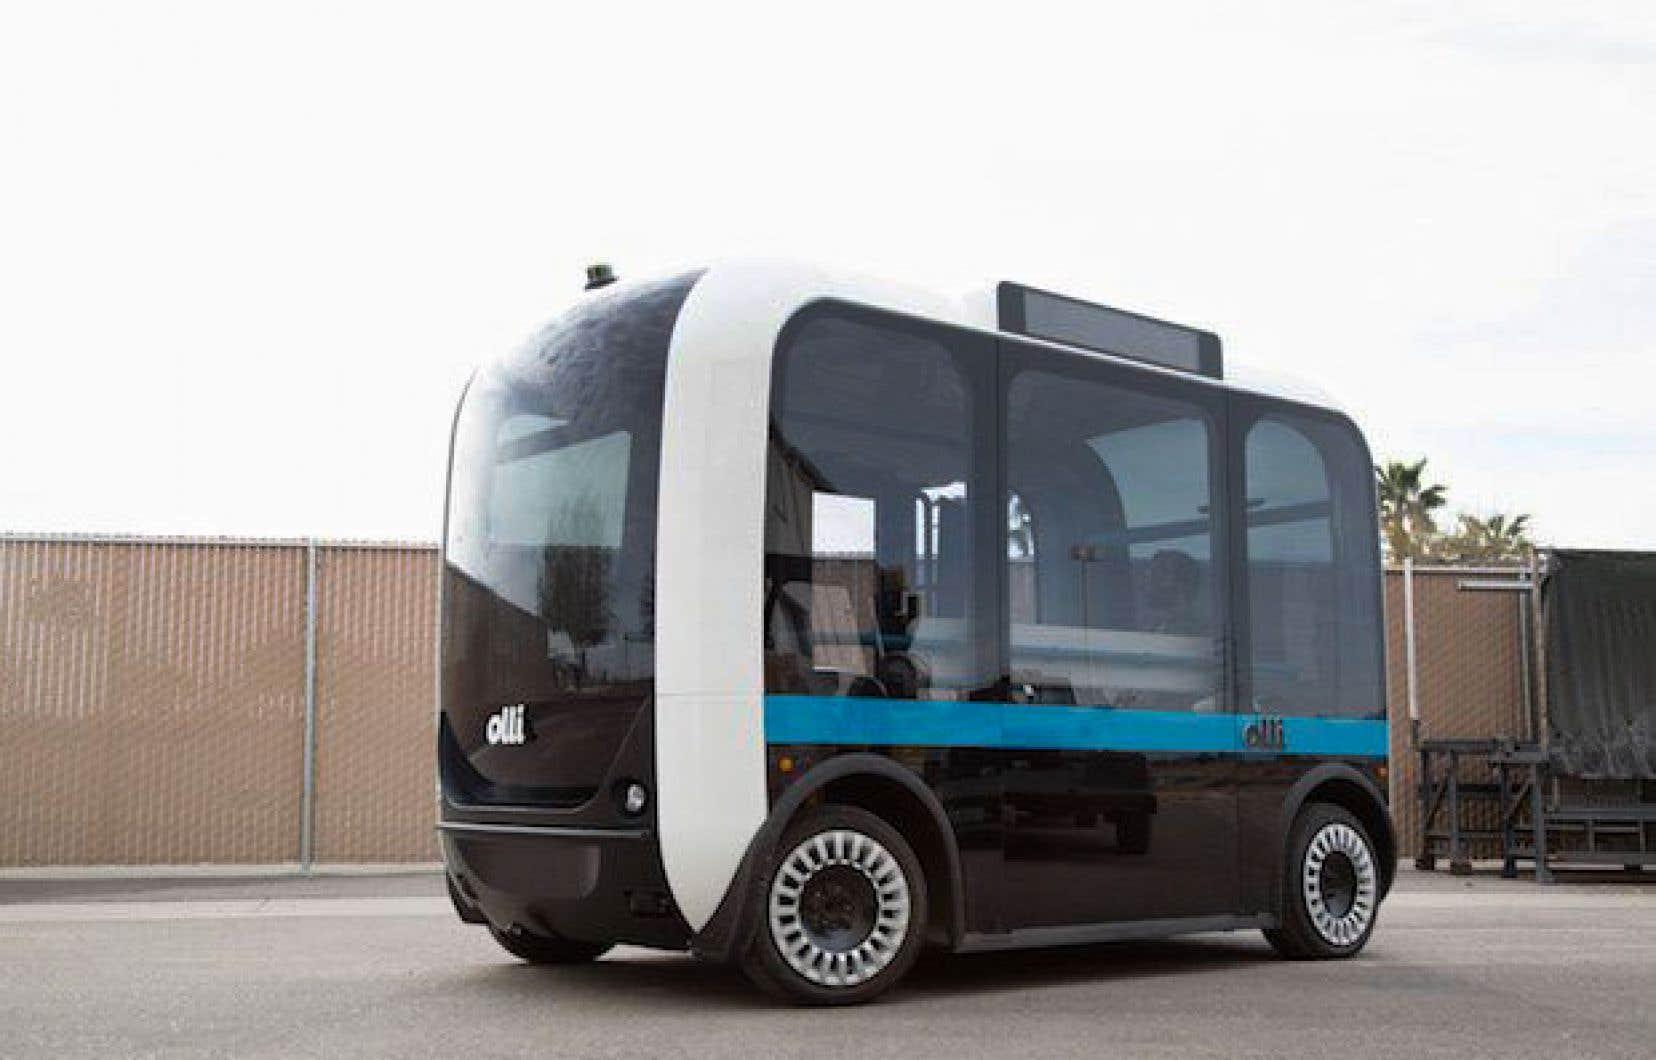 Les navettes autonomes sont des minibus guidés par une intelligence artificielle.